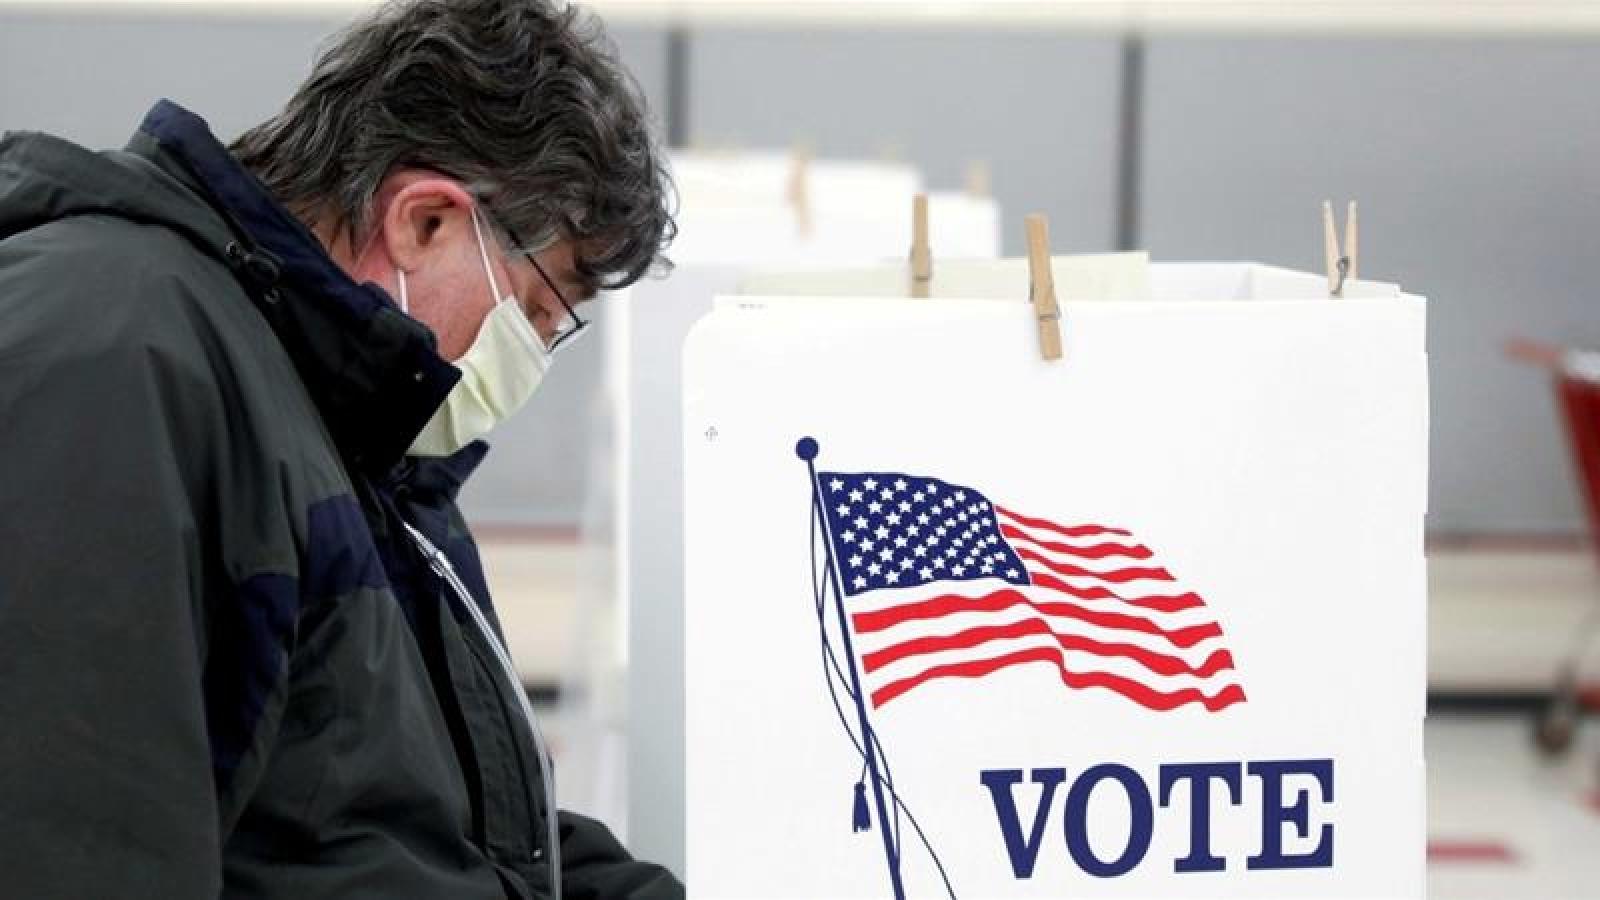 Những sự thật thú vị có thể bạn chưa biết về bầu cử Tổng thống Mỹ